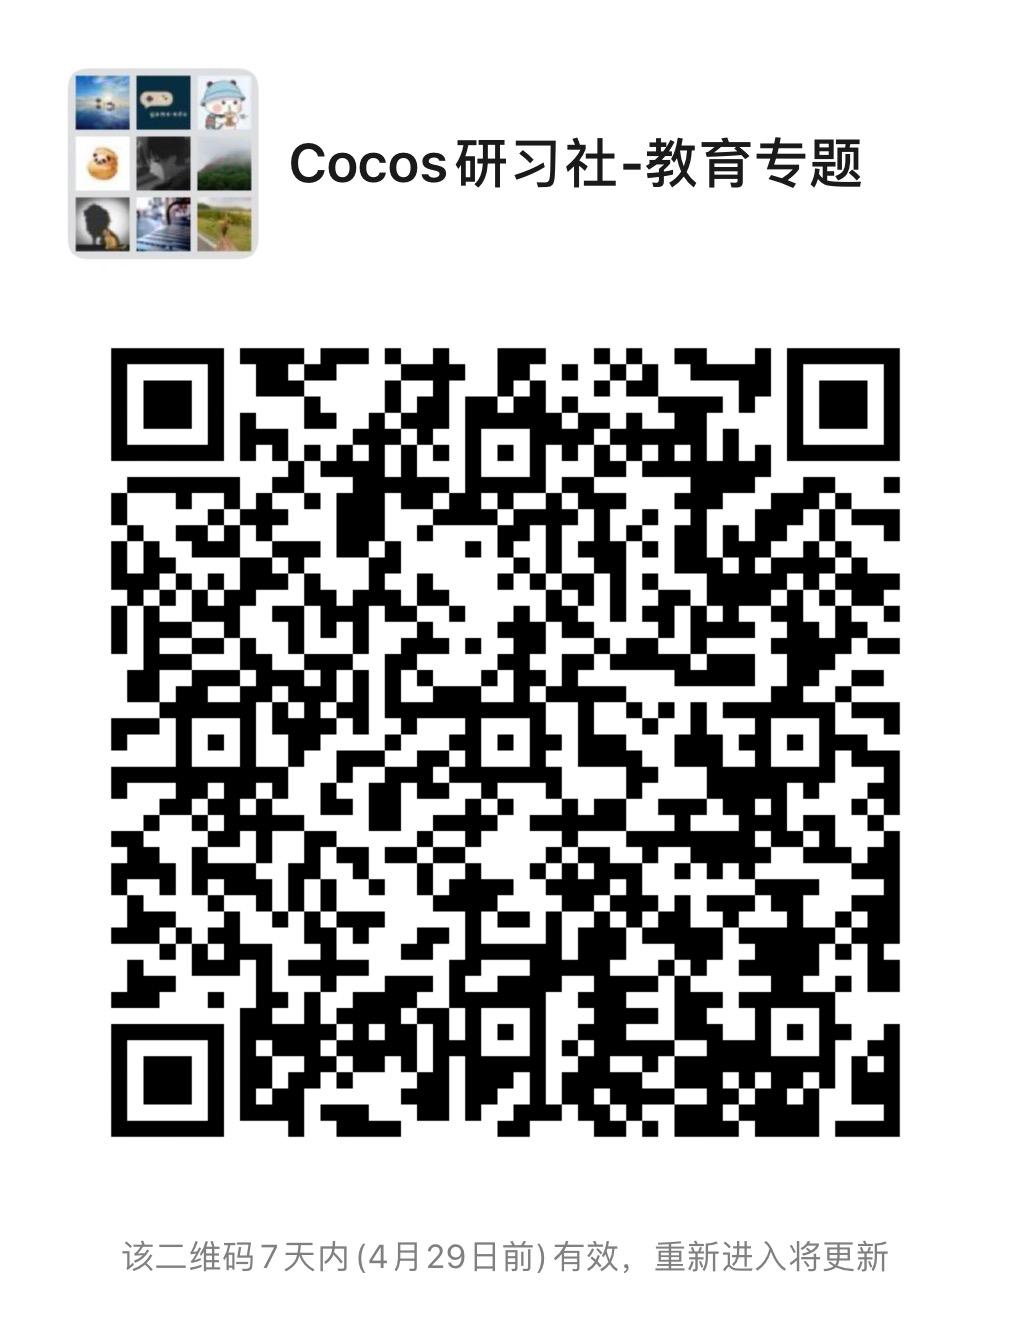 WechatIMG548